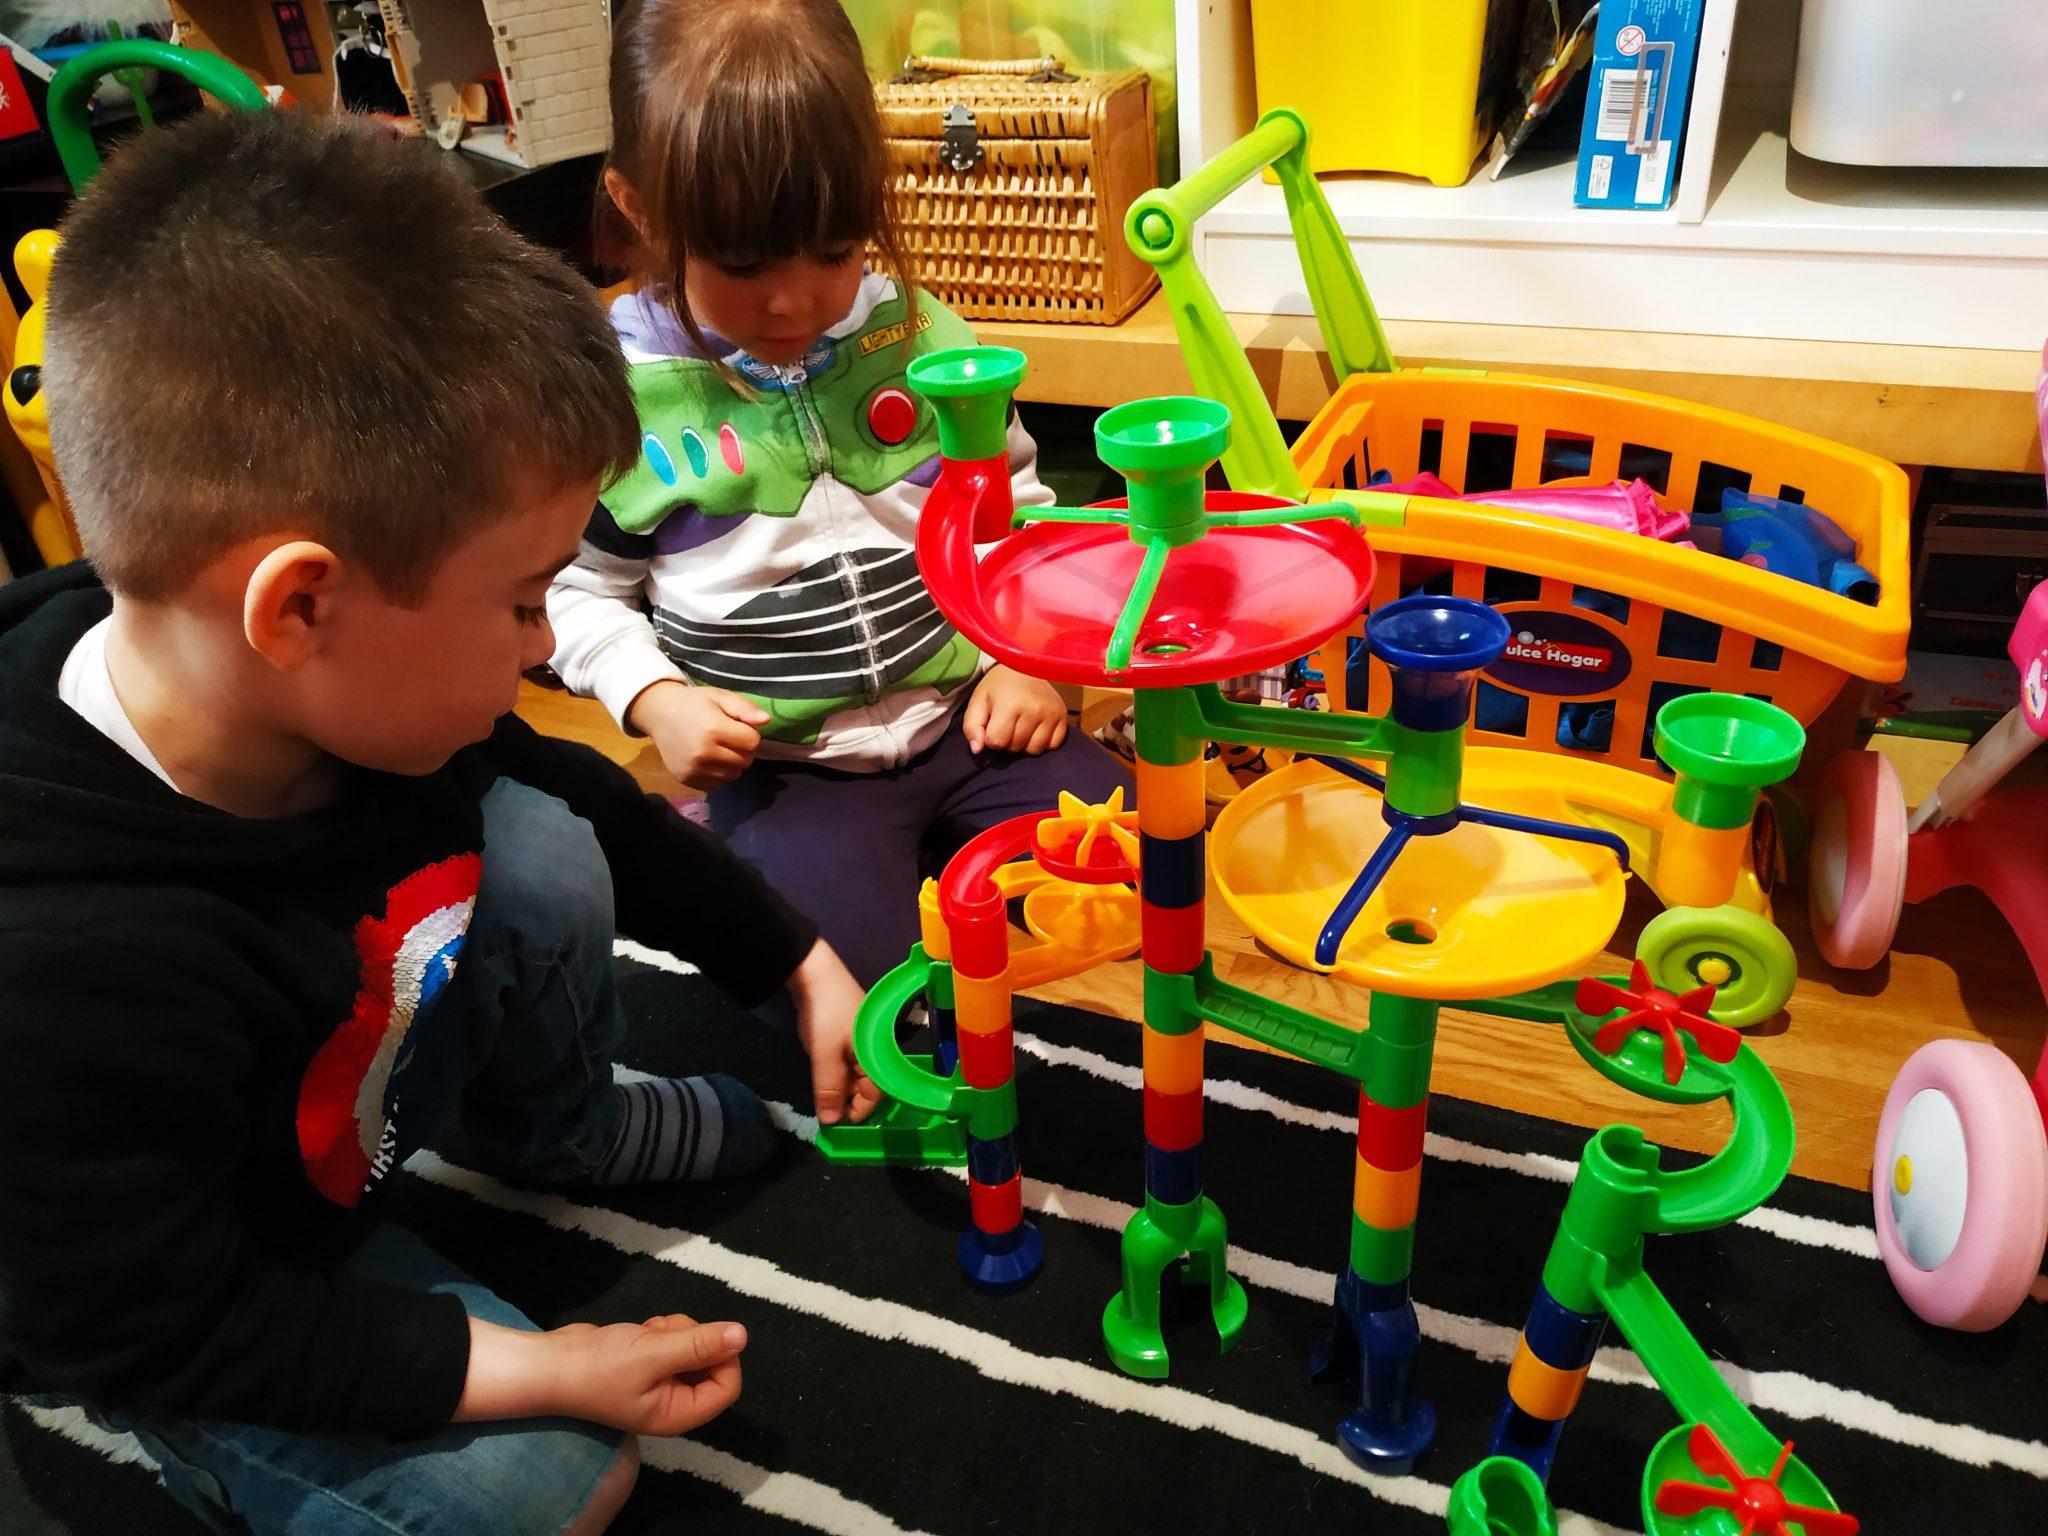 IMG 20190409 095046 - Juegos didácticos para niños de 6 años